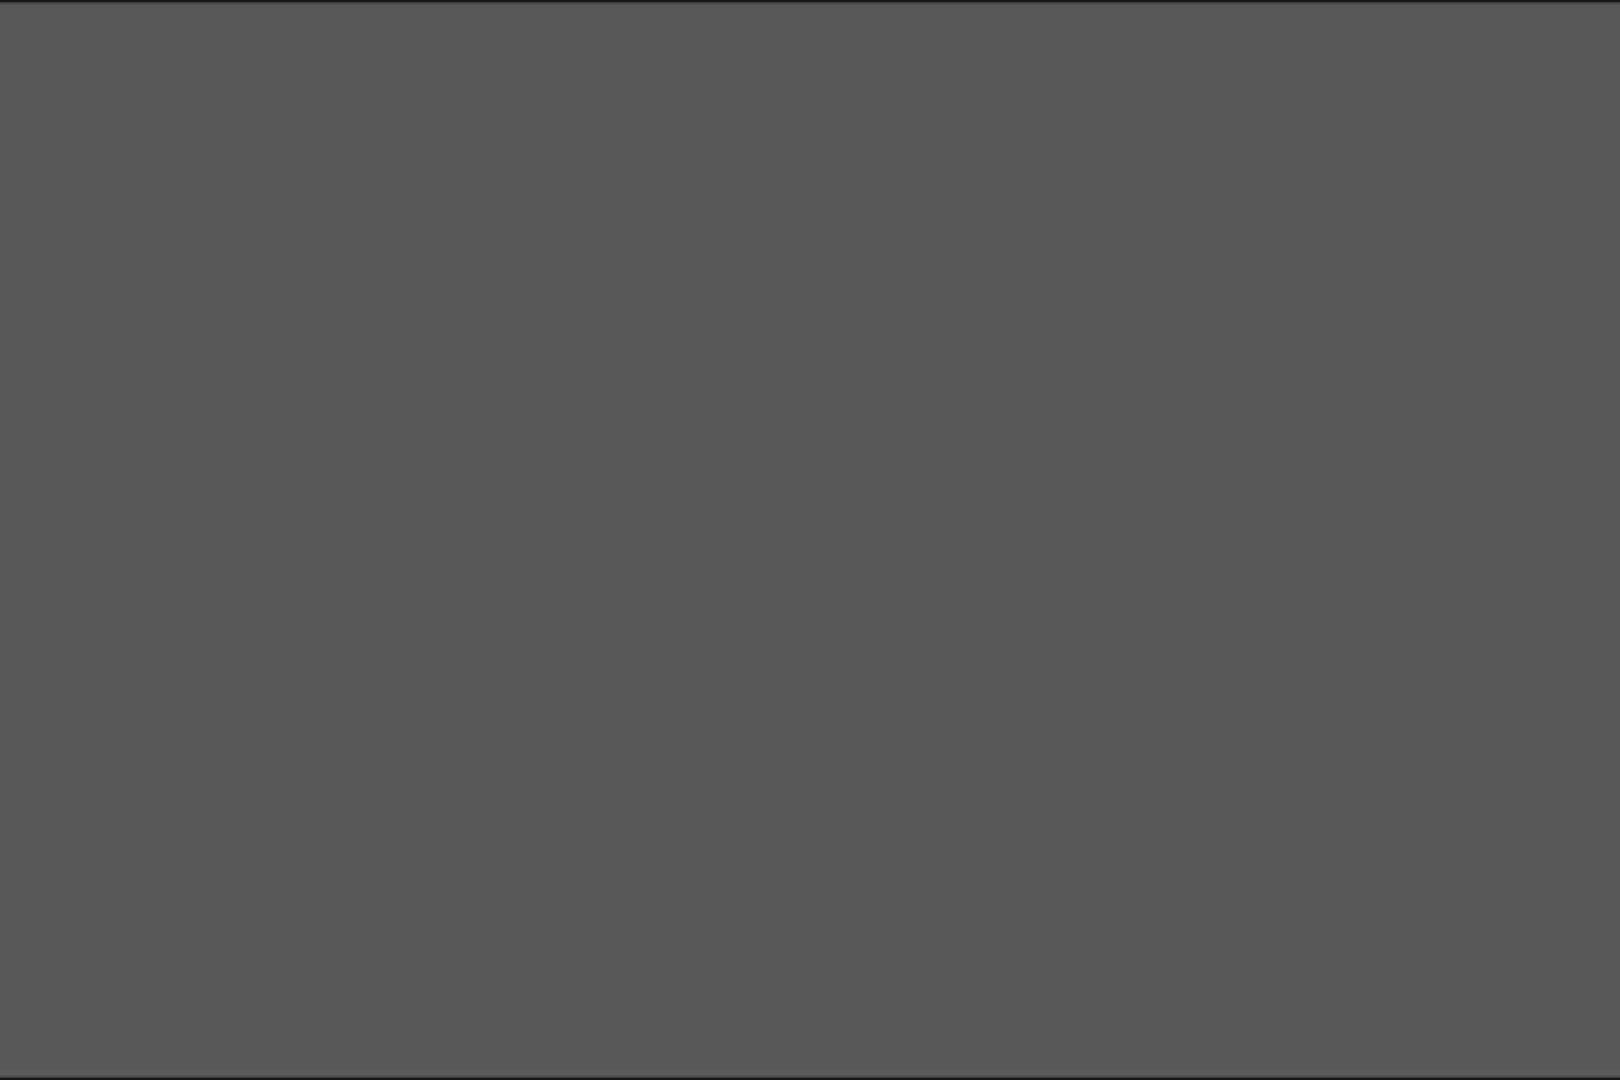 マンコ丸見え女子洗面所Vol.18 丸見え 女性器鑑賞 102pic 24